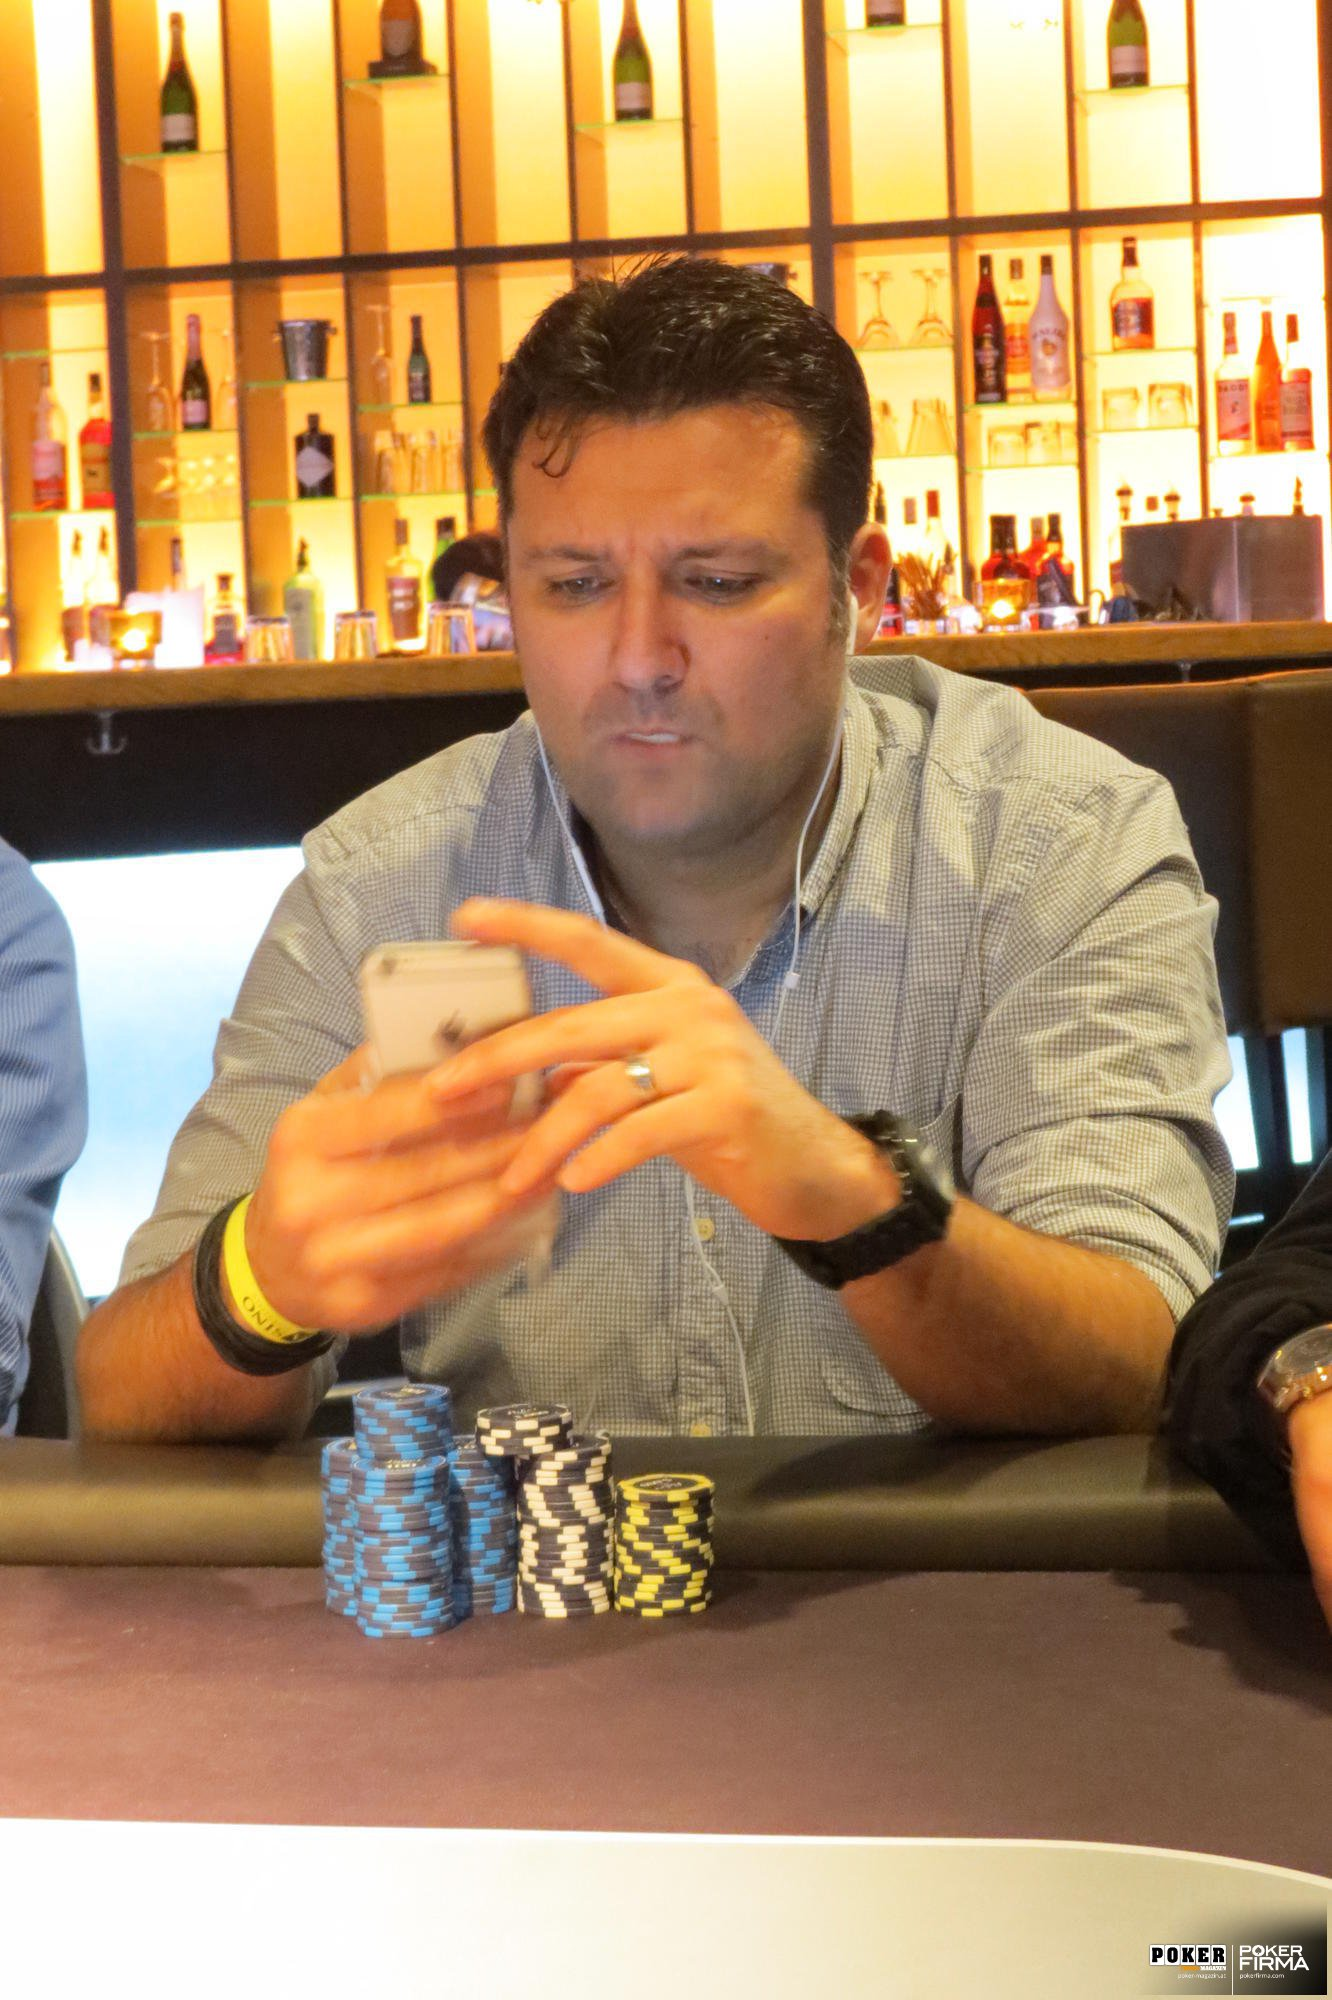 Kein Doktor Mehr Im Haus Pokerfirma